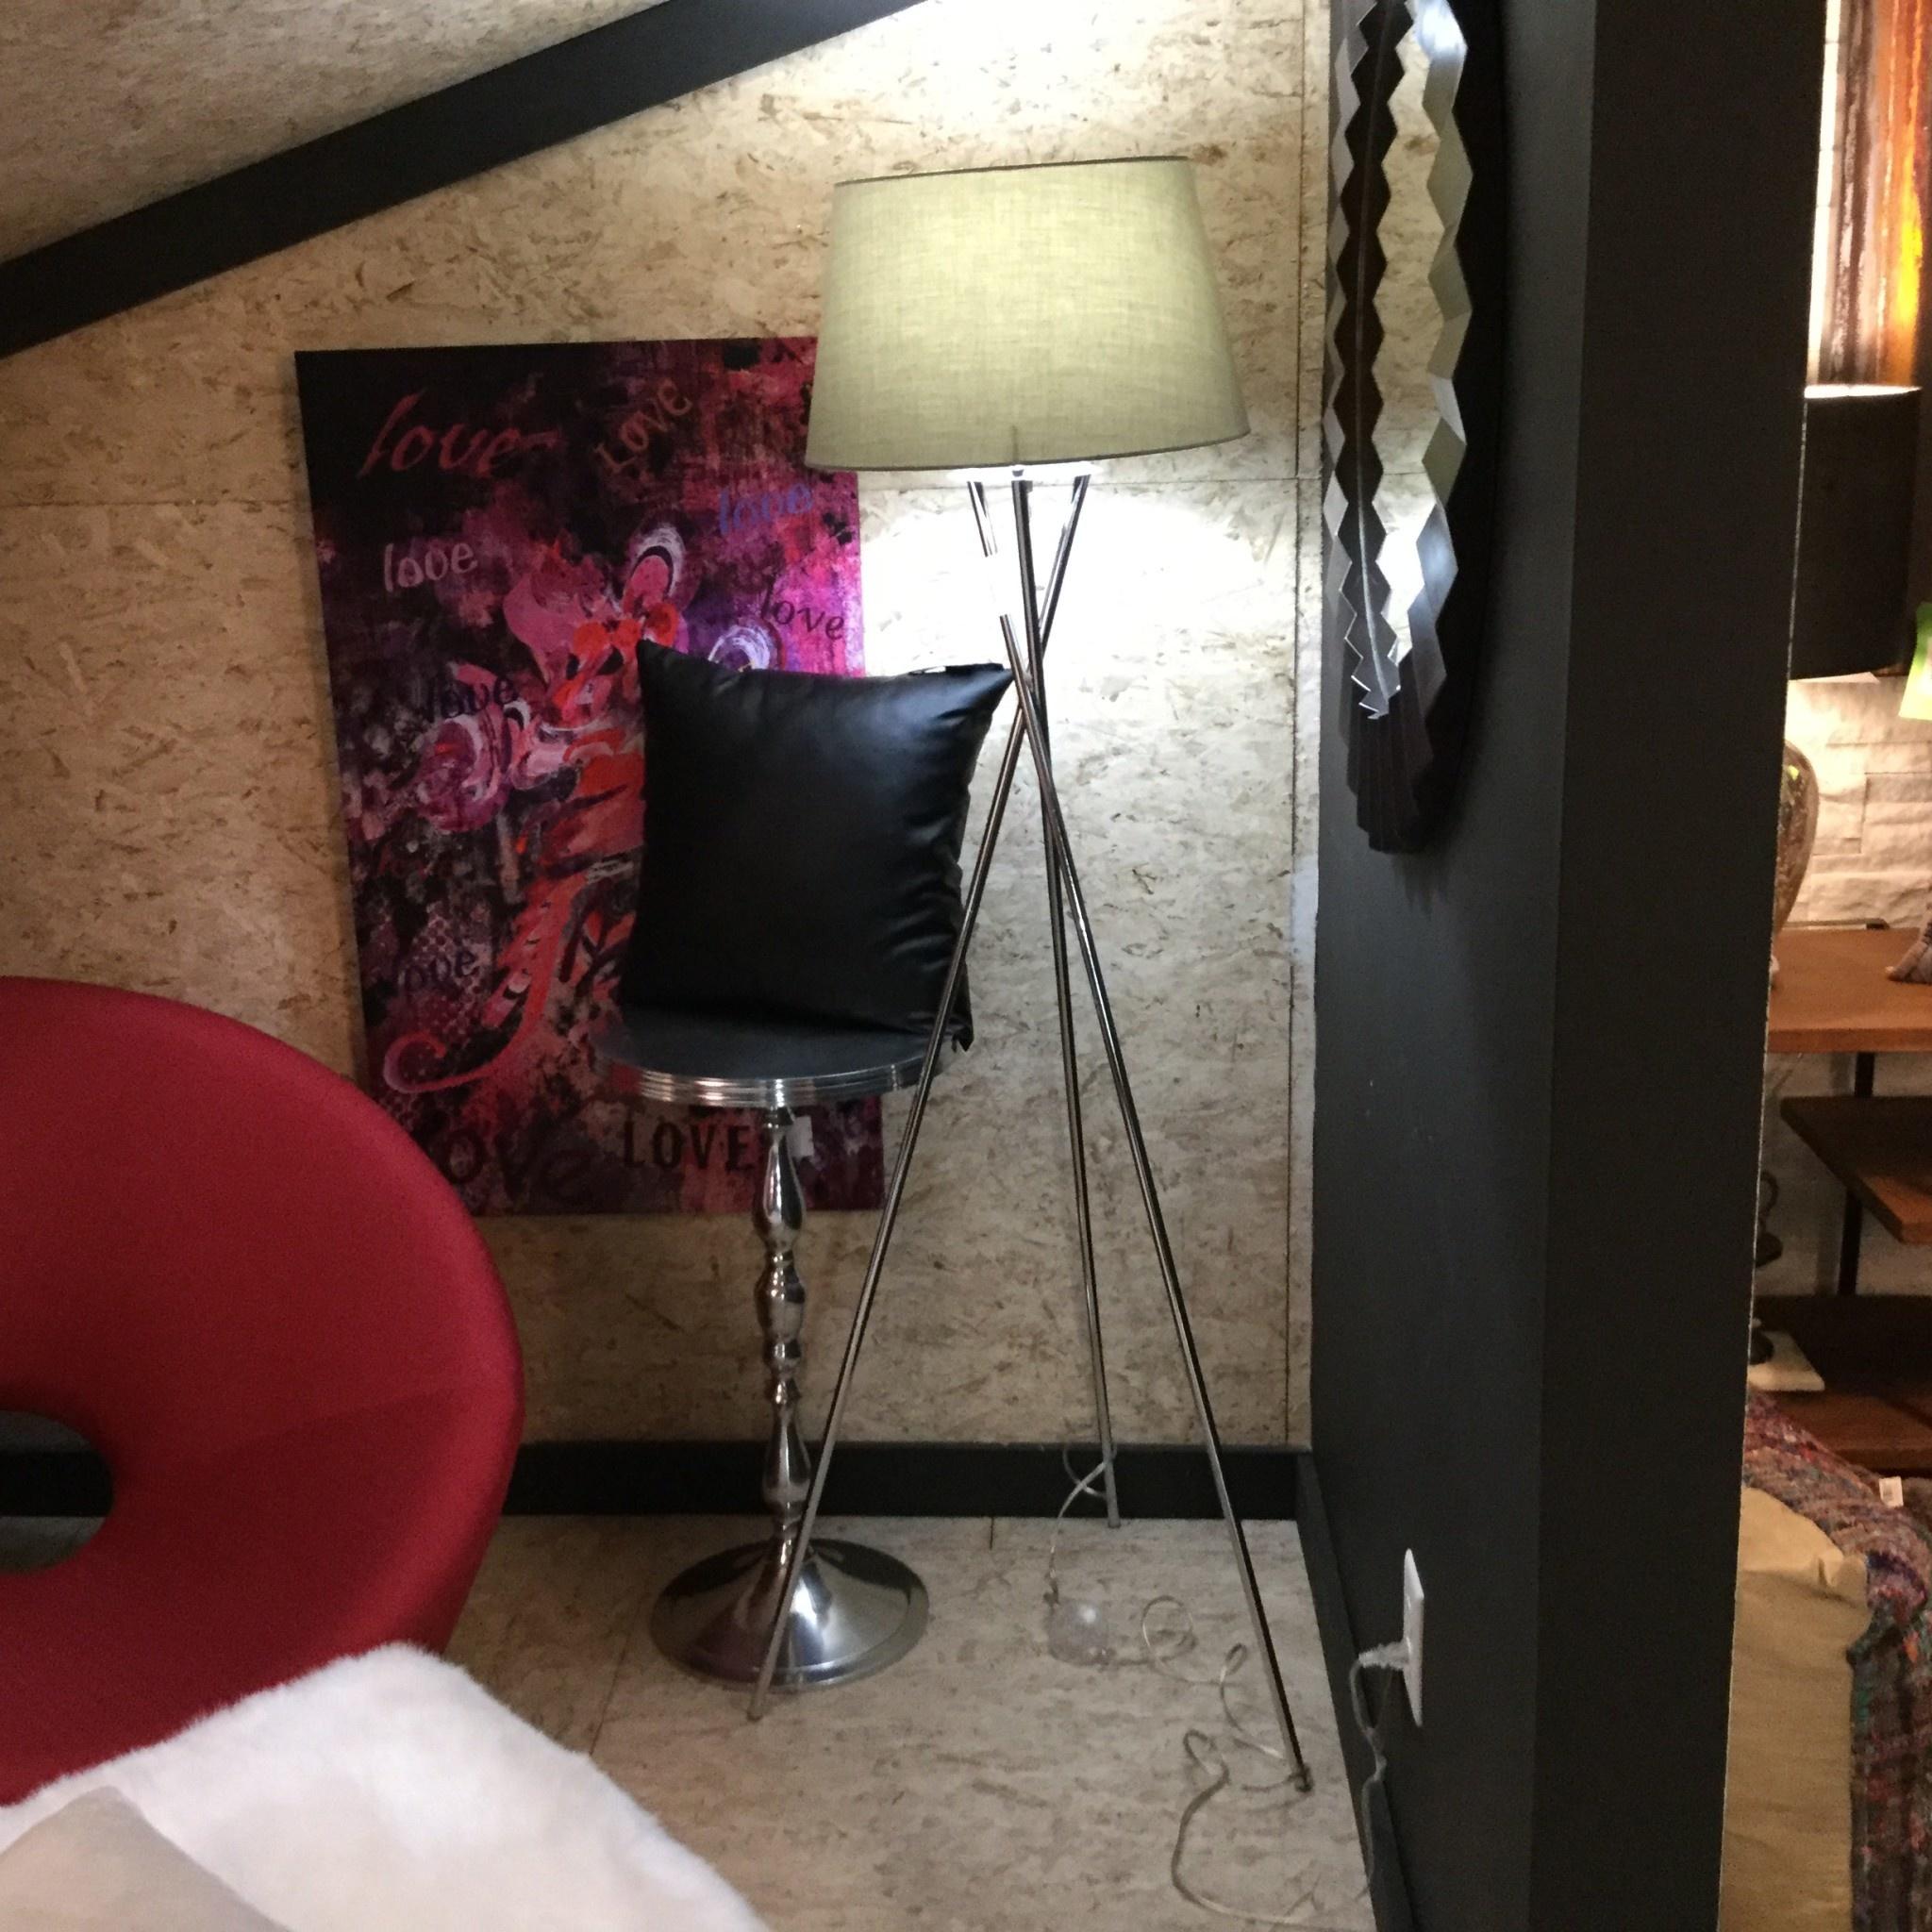 EXCELSIUS 62H FLOOR LAMP